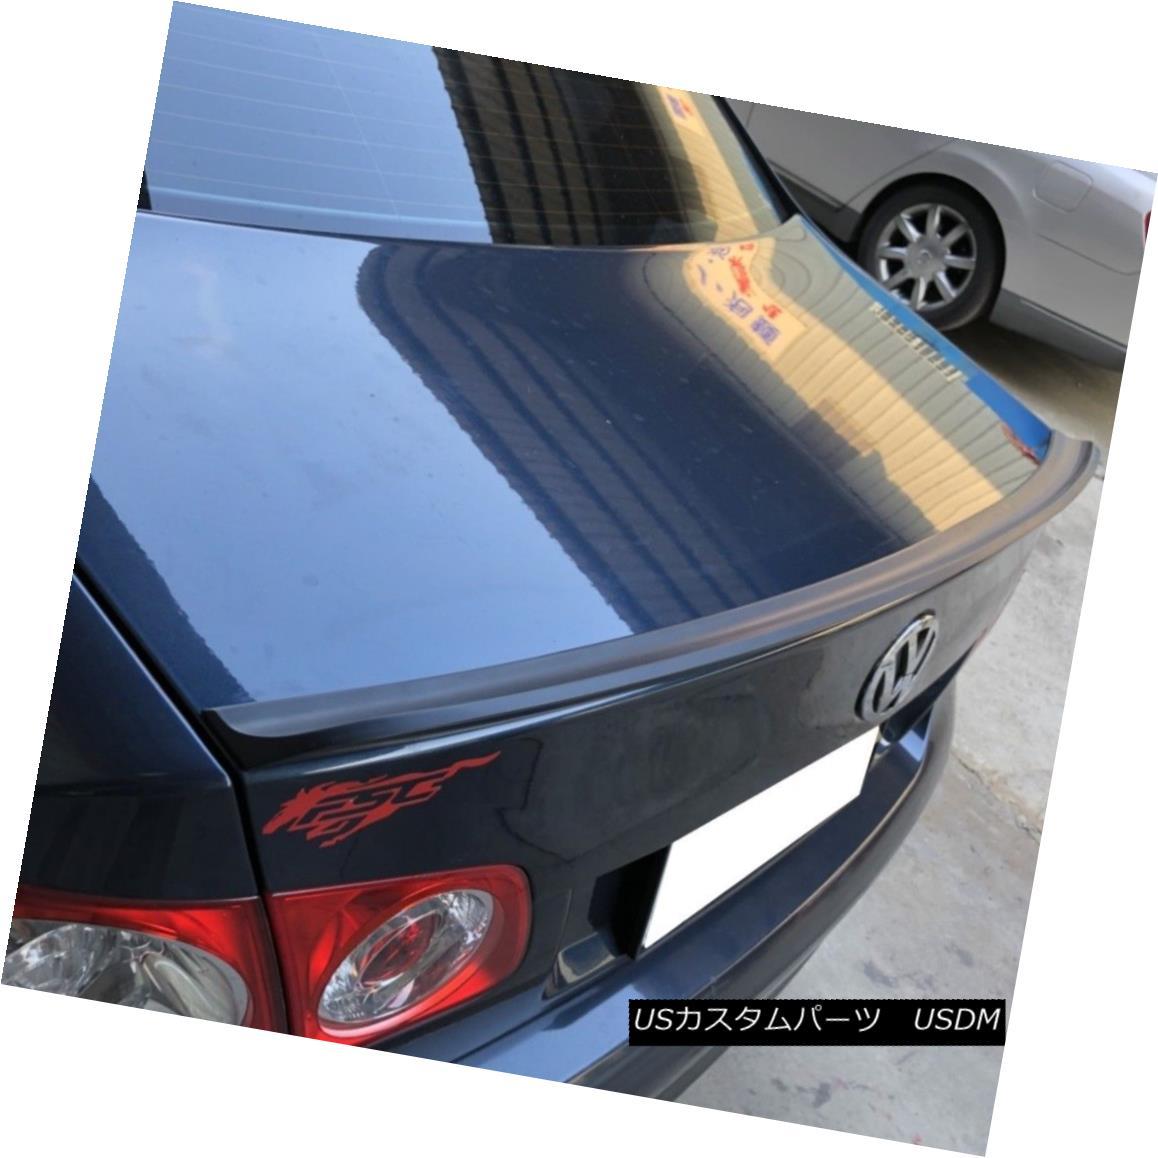 エアロパーツ Painted 244SG Type Trunk Spoiler Wing For BMW 3-Series E46 Convertible 99~05 ? BMW 3シリーズE46コンバーチブル99?05用244SGタイプのトランク・スポイラー・ウイングを塗装しましたか?